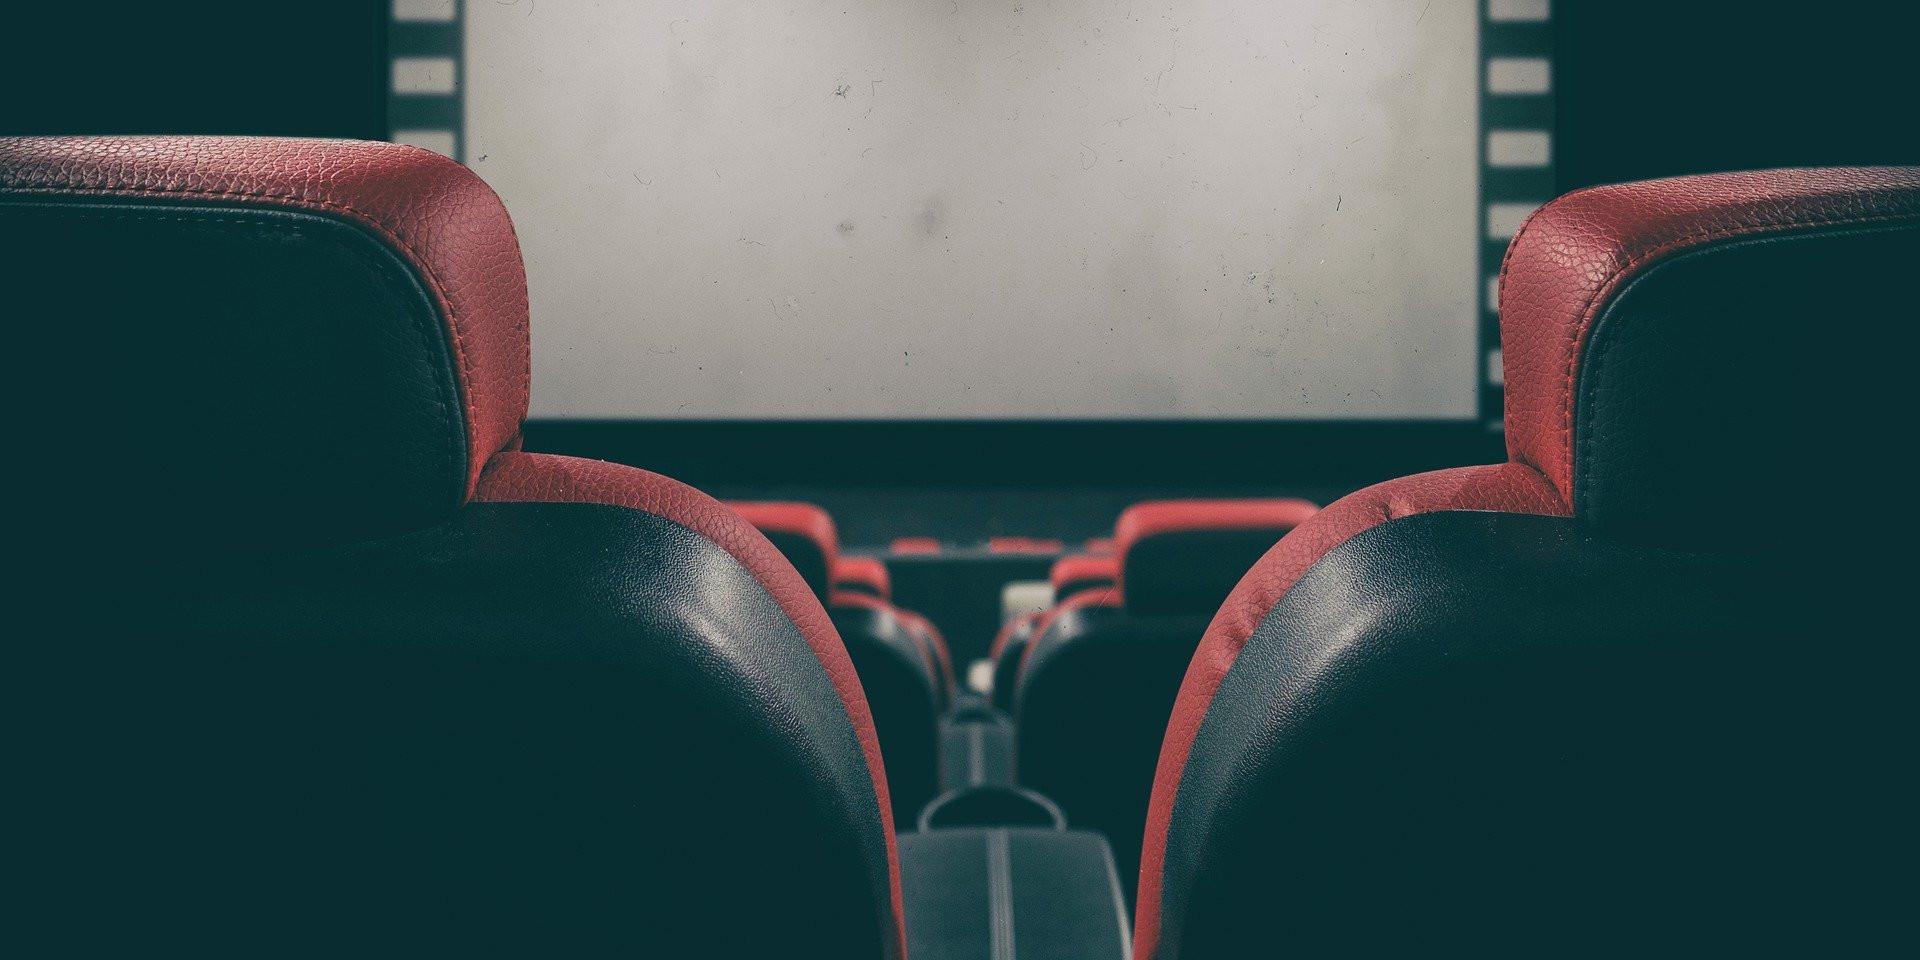 Cinémas fermés : en Mayenne, Le Palace vend ses sucreries pour limiter ses pertes